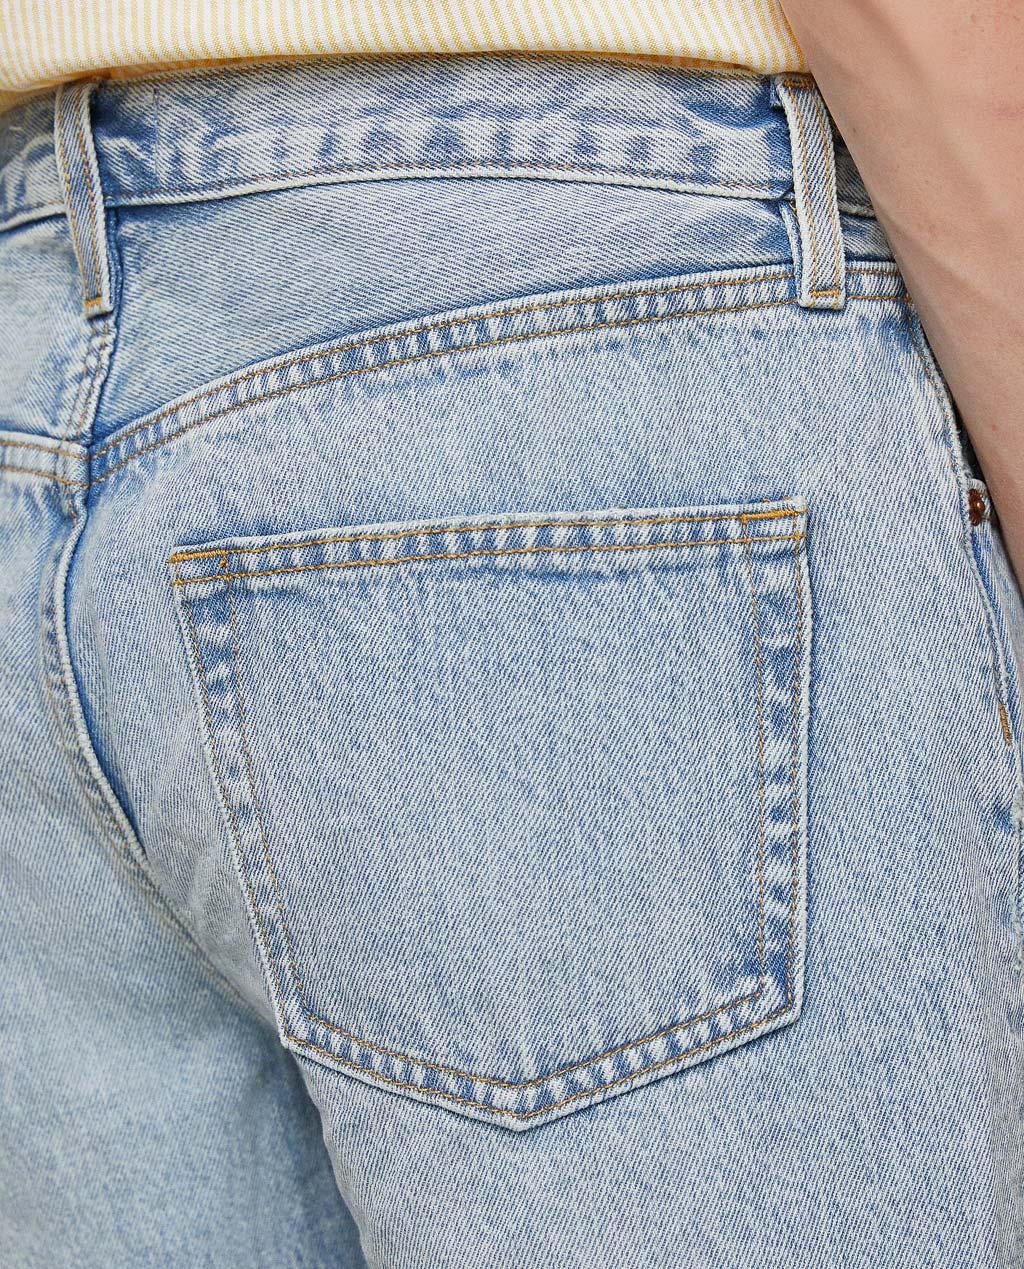 Thời trang nam Zara  23988 - ảnh 7